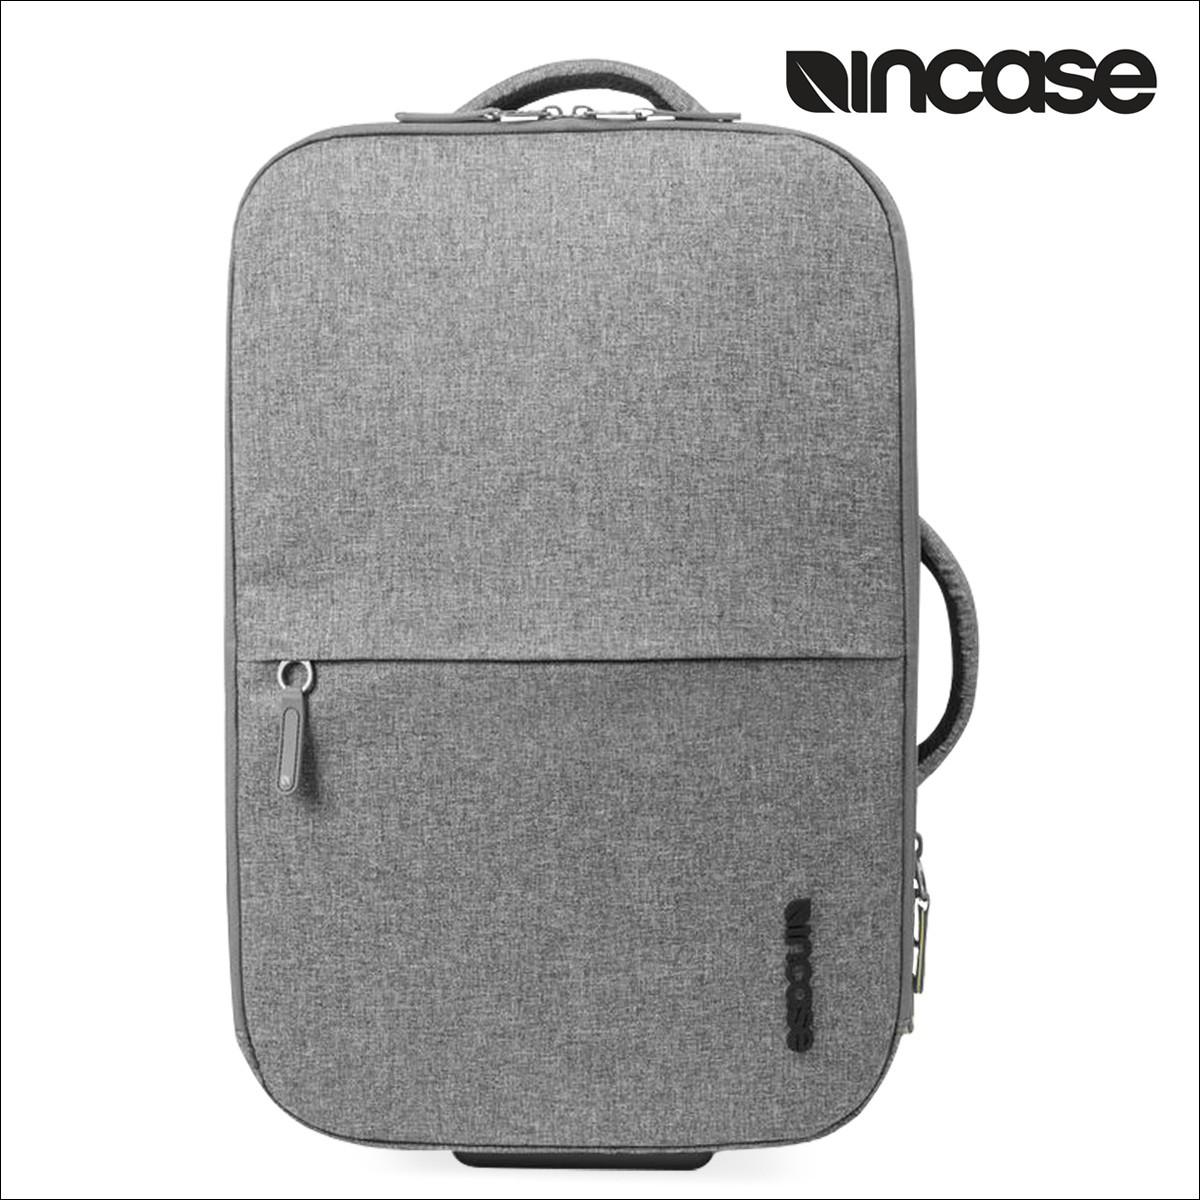 INCASE インケース キャリーバッグ スーツケース キャリーケース バック EO TRAVEL ROLLER CL90019 メンズ レディース グレー [1/17 再入荷]